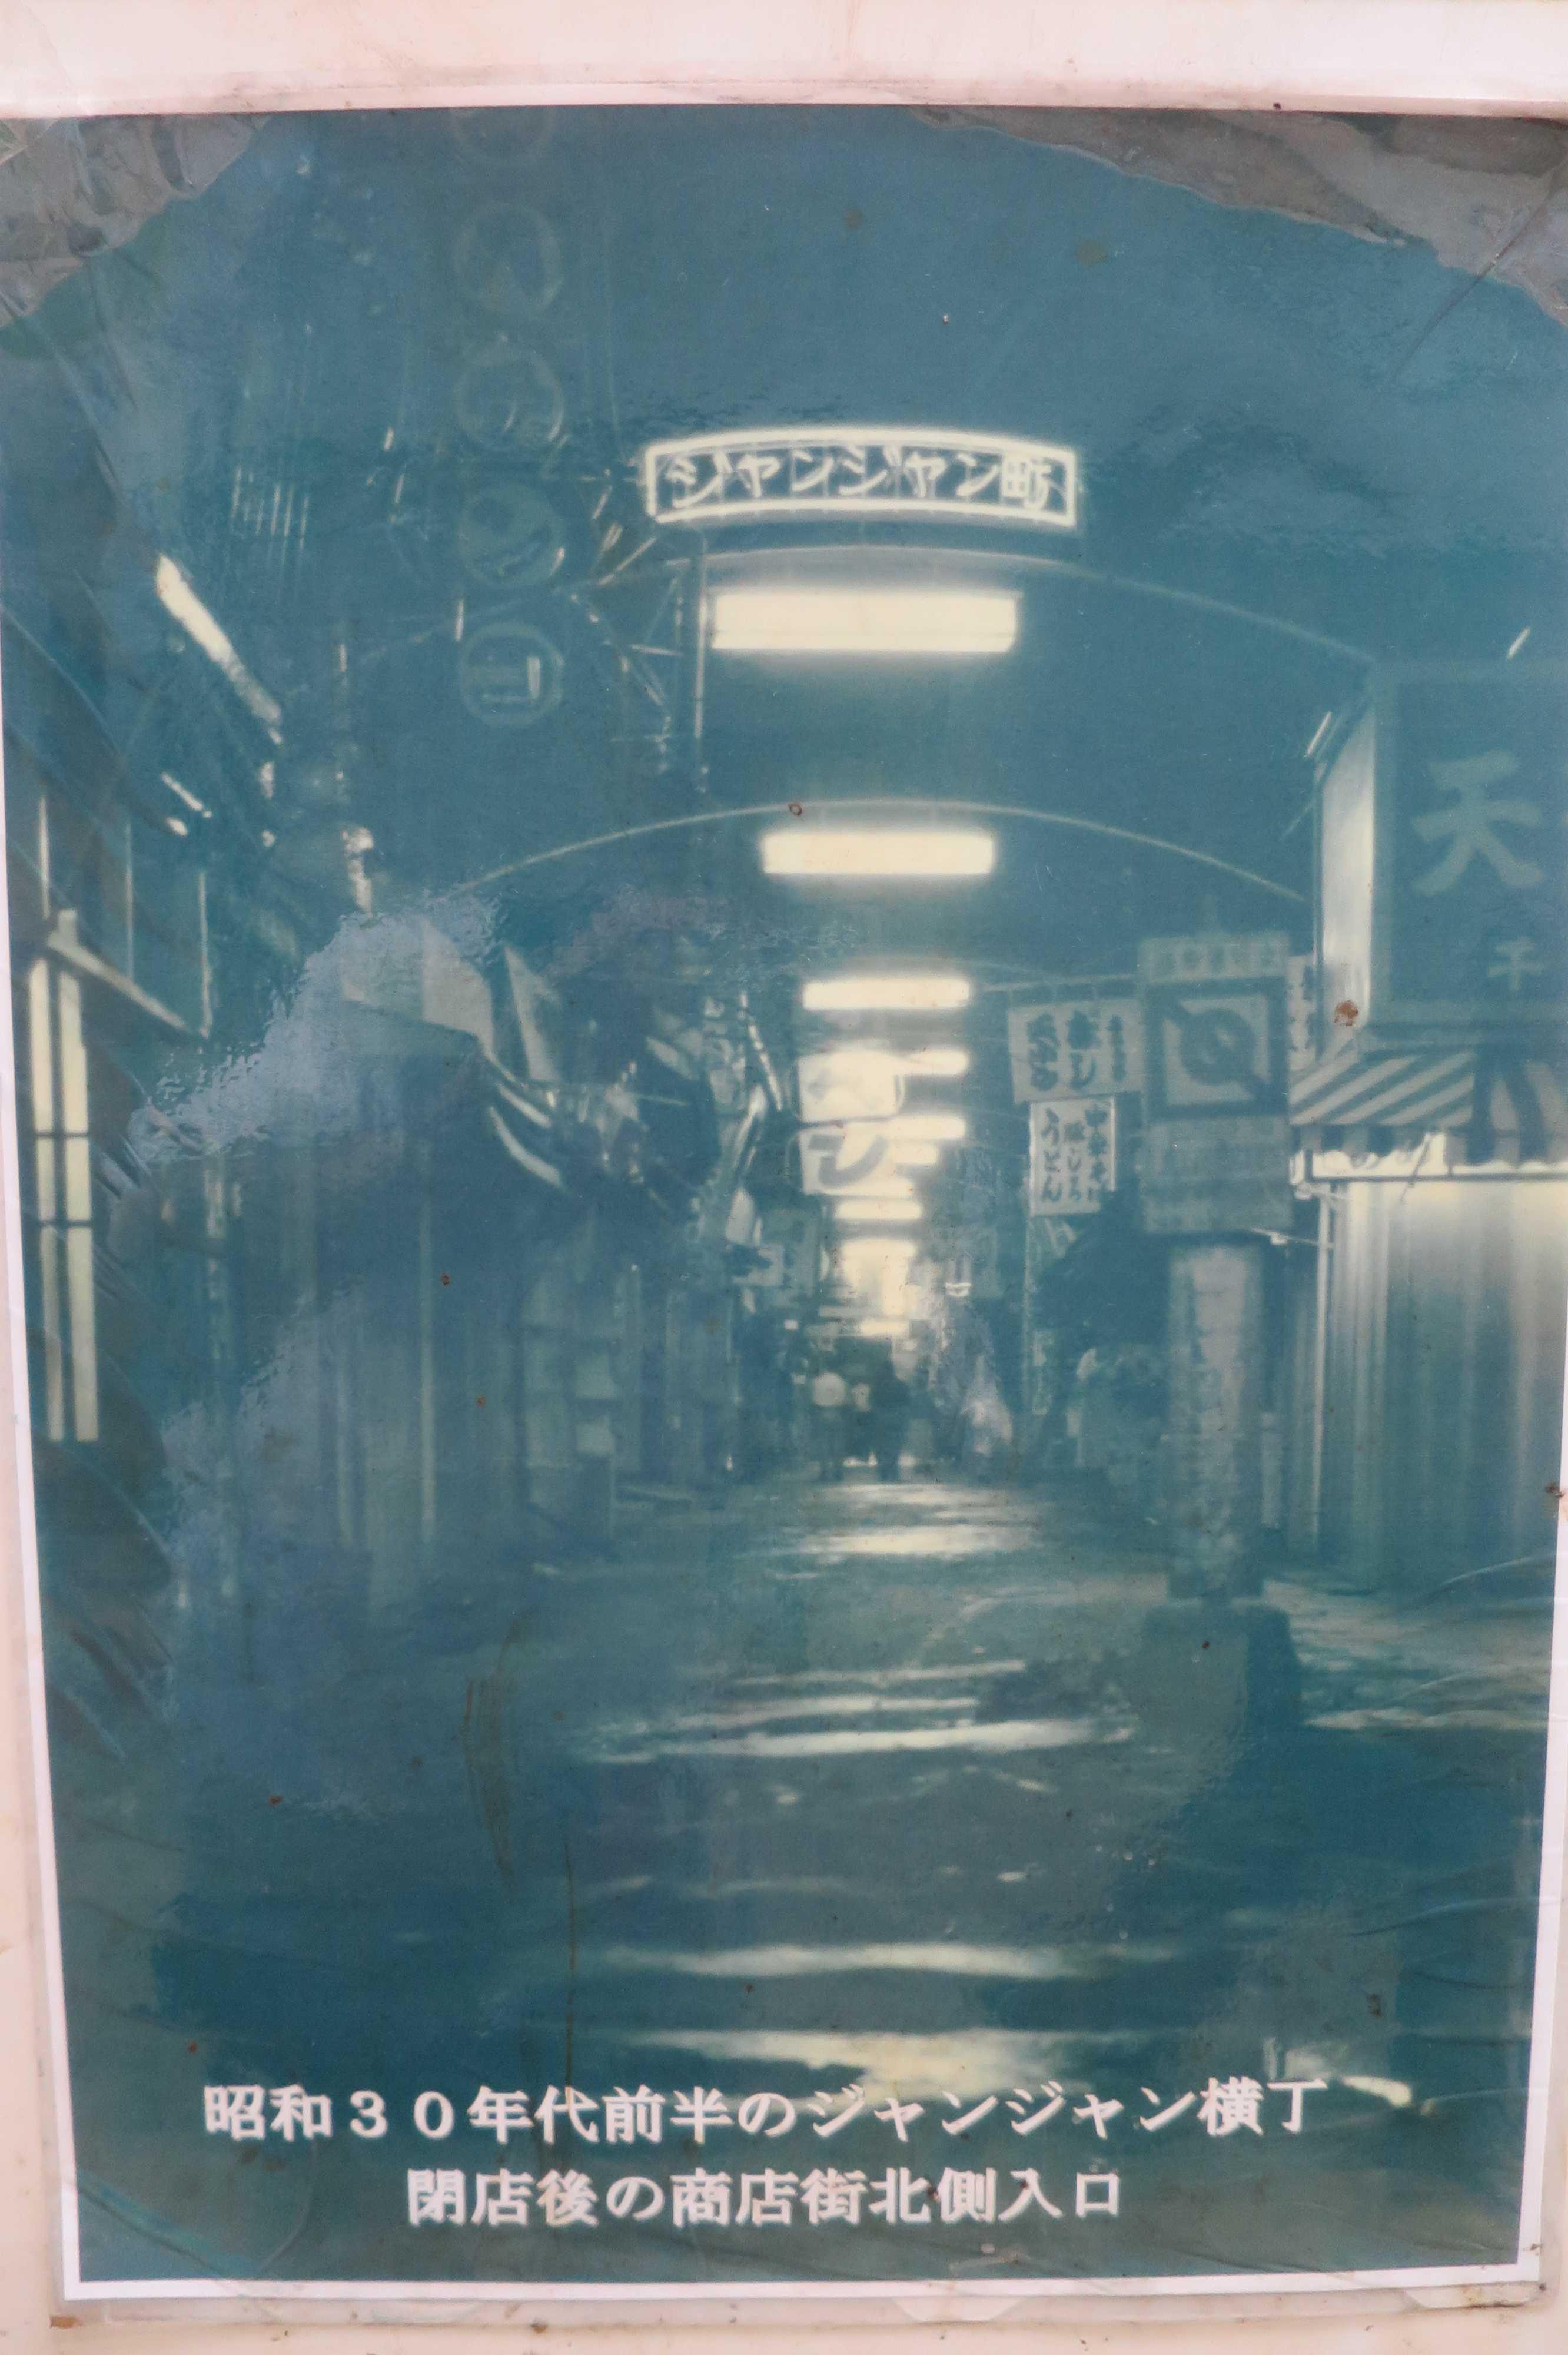 昭和30年代前半のジャンジャン横丁の写真